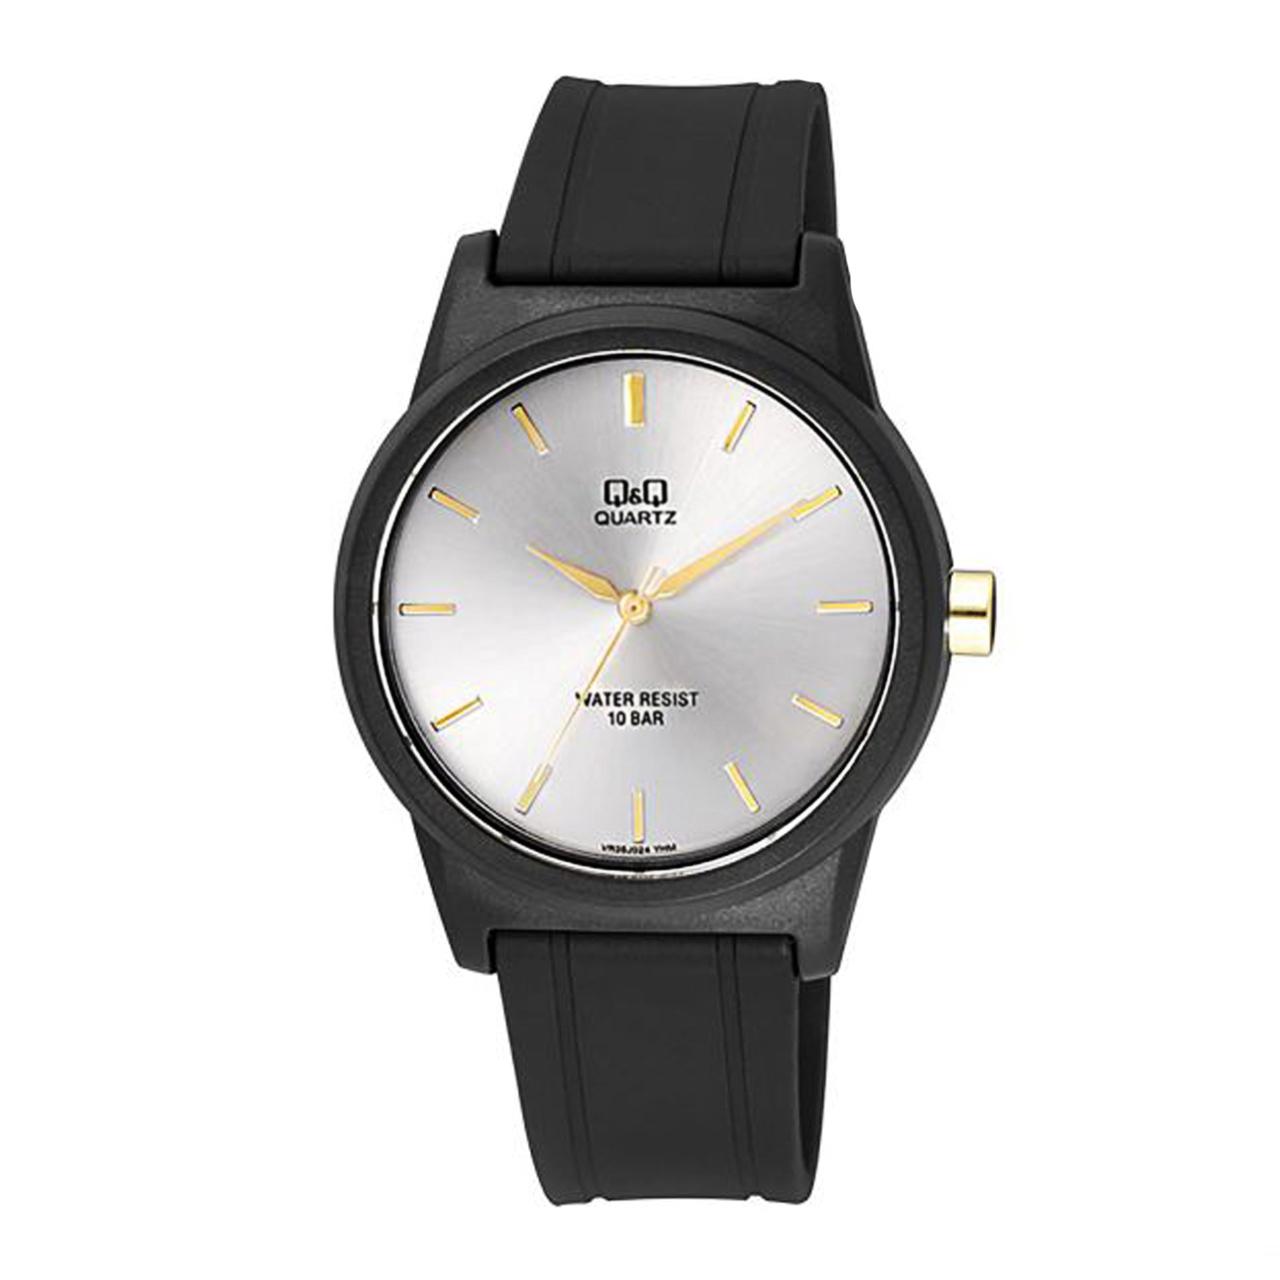 ساعت مچی عقربه ای مردانه کیو اند کیو مدلVR35J024Y به همراه دستمال مخصوص برند کلین واچ 40